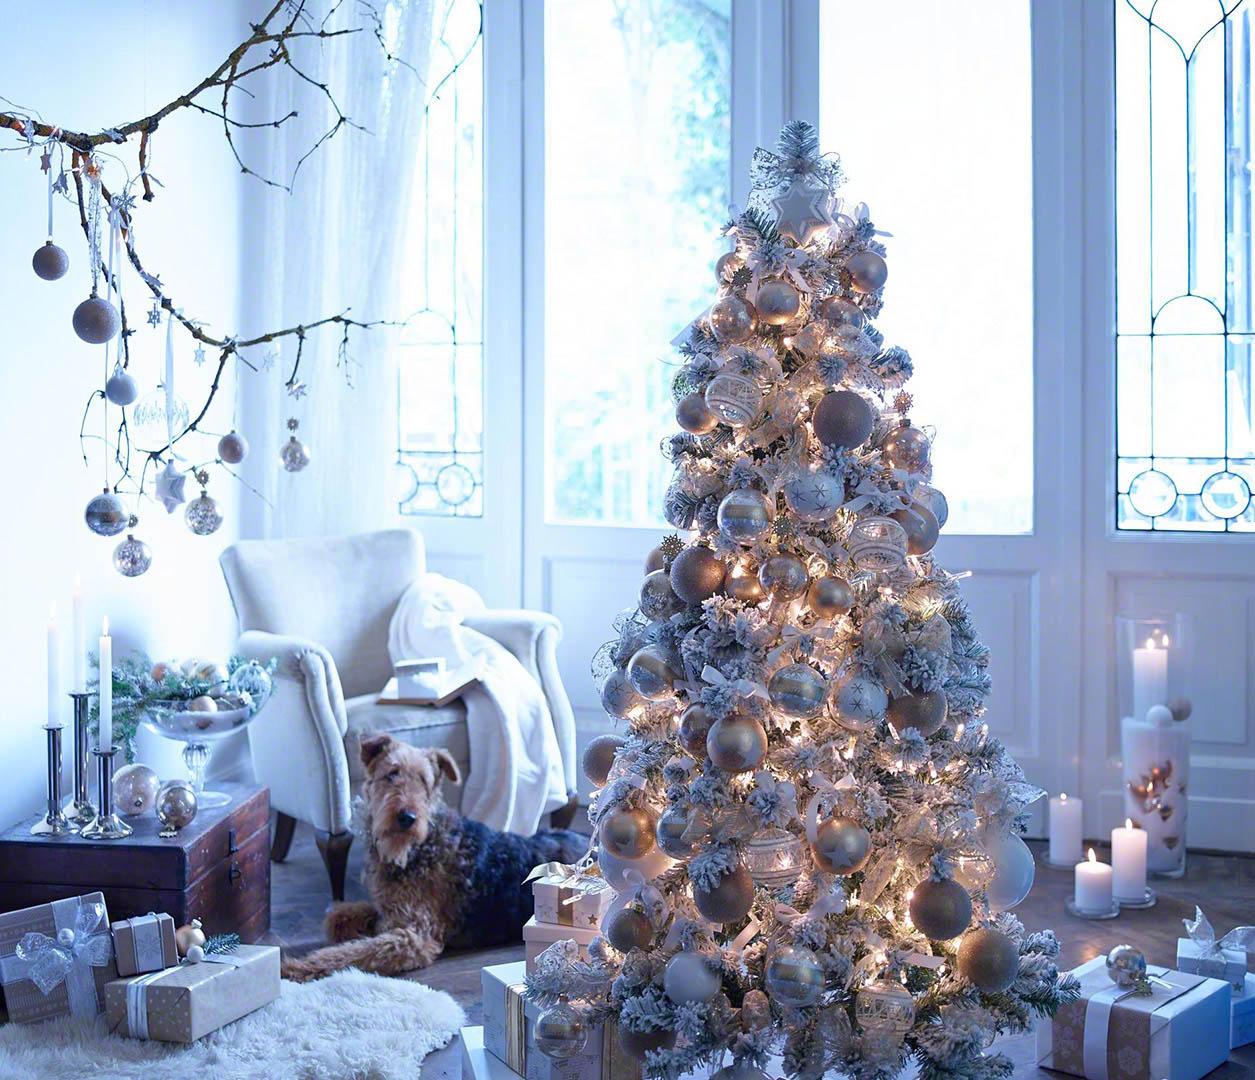 Depot Weihnachtskugeln.Depot Weihnachten Articus Röttgen Fotografie